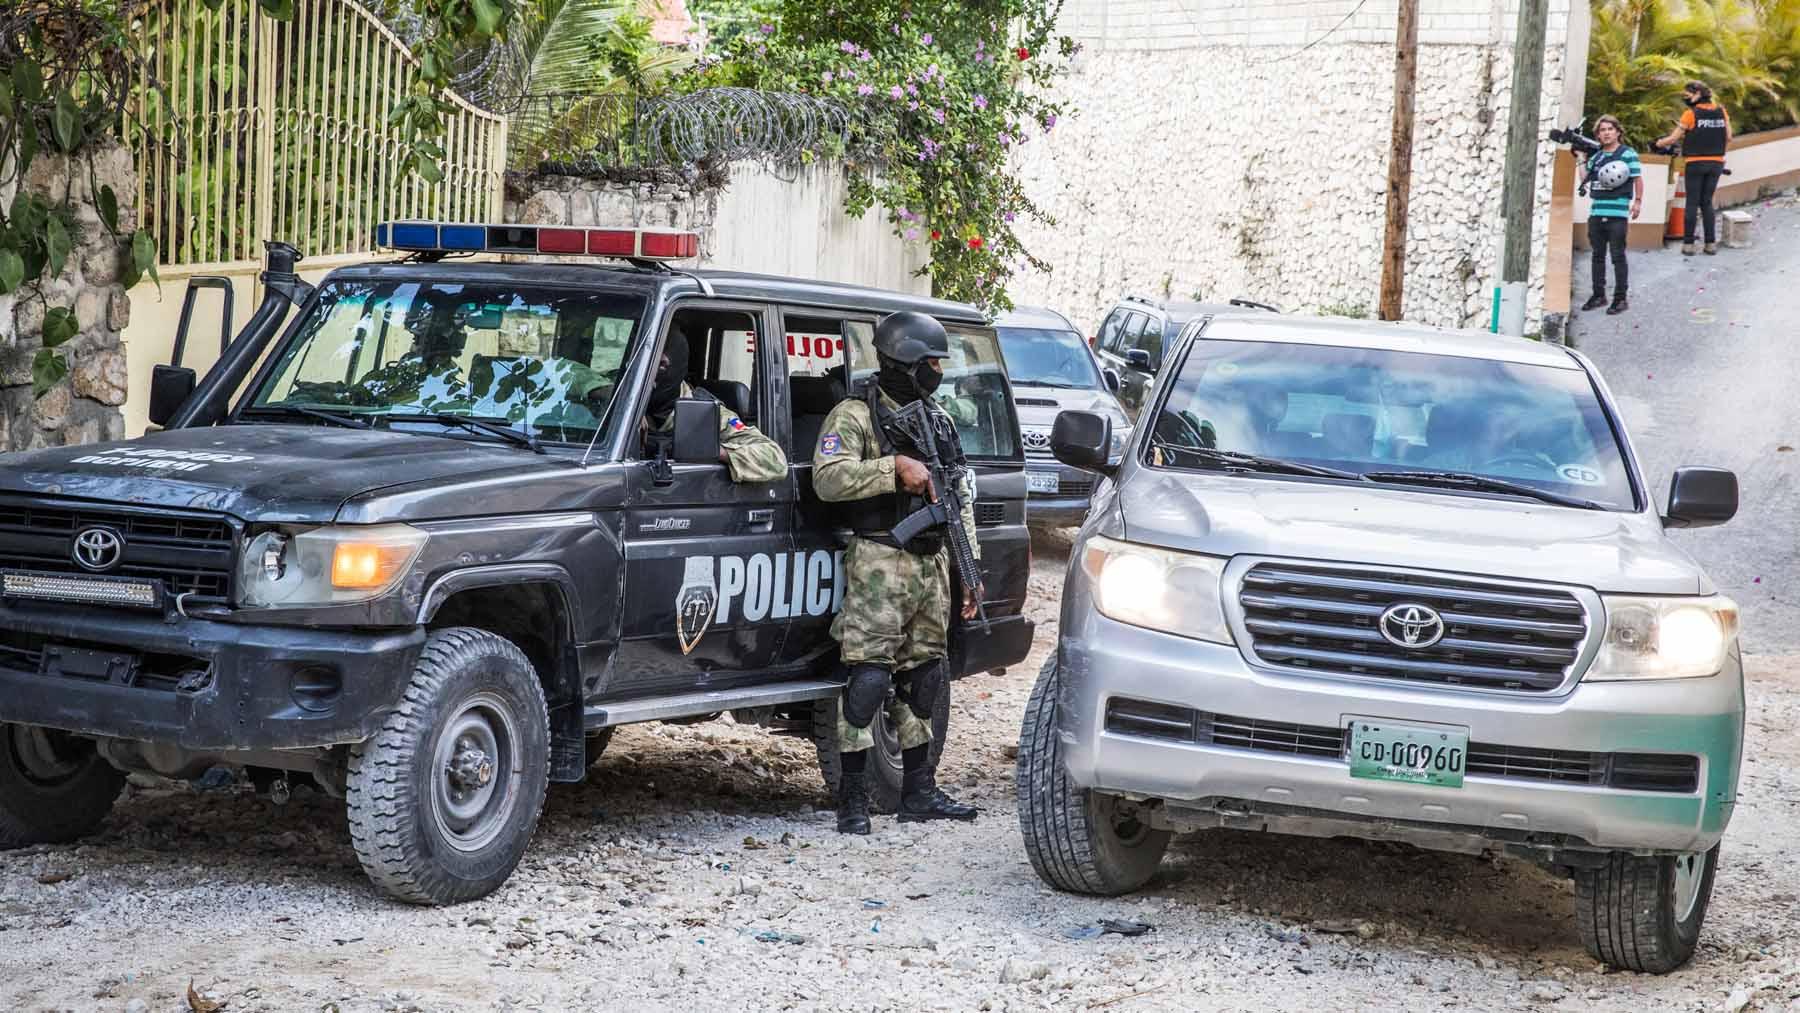 La Policía de Haití en una investigación. Archivo.